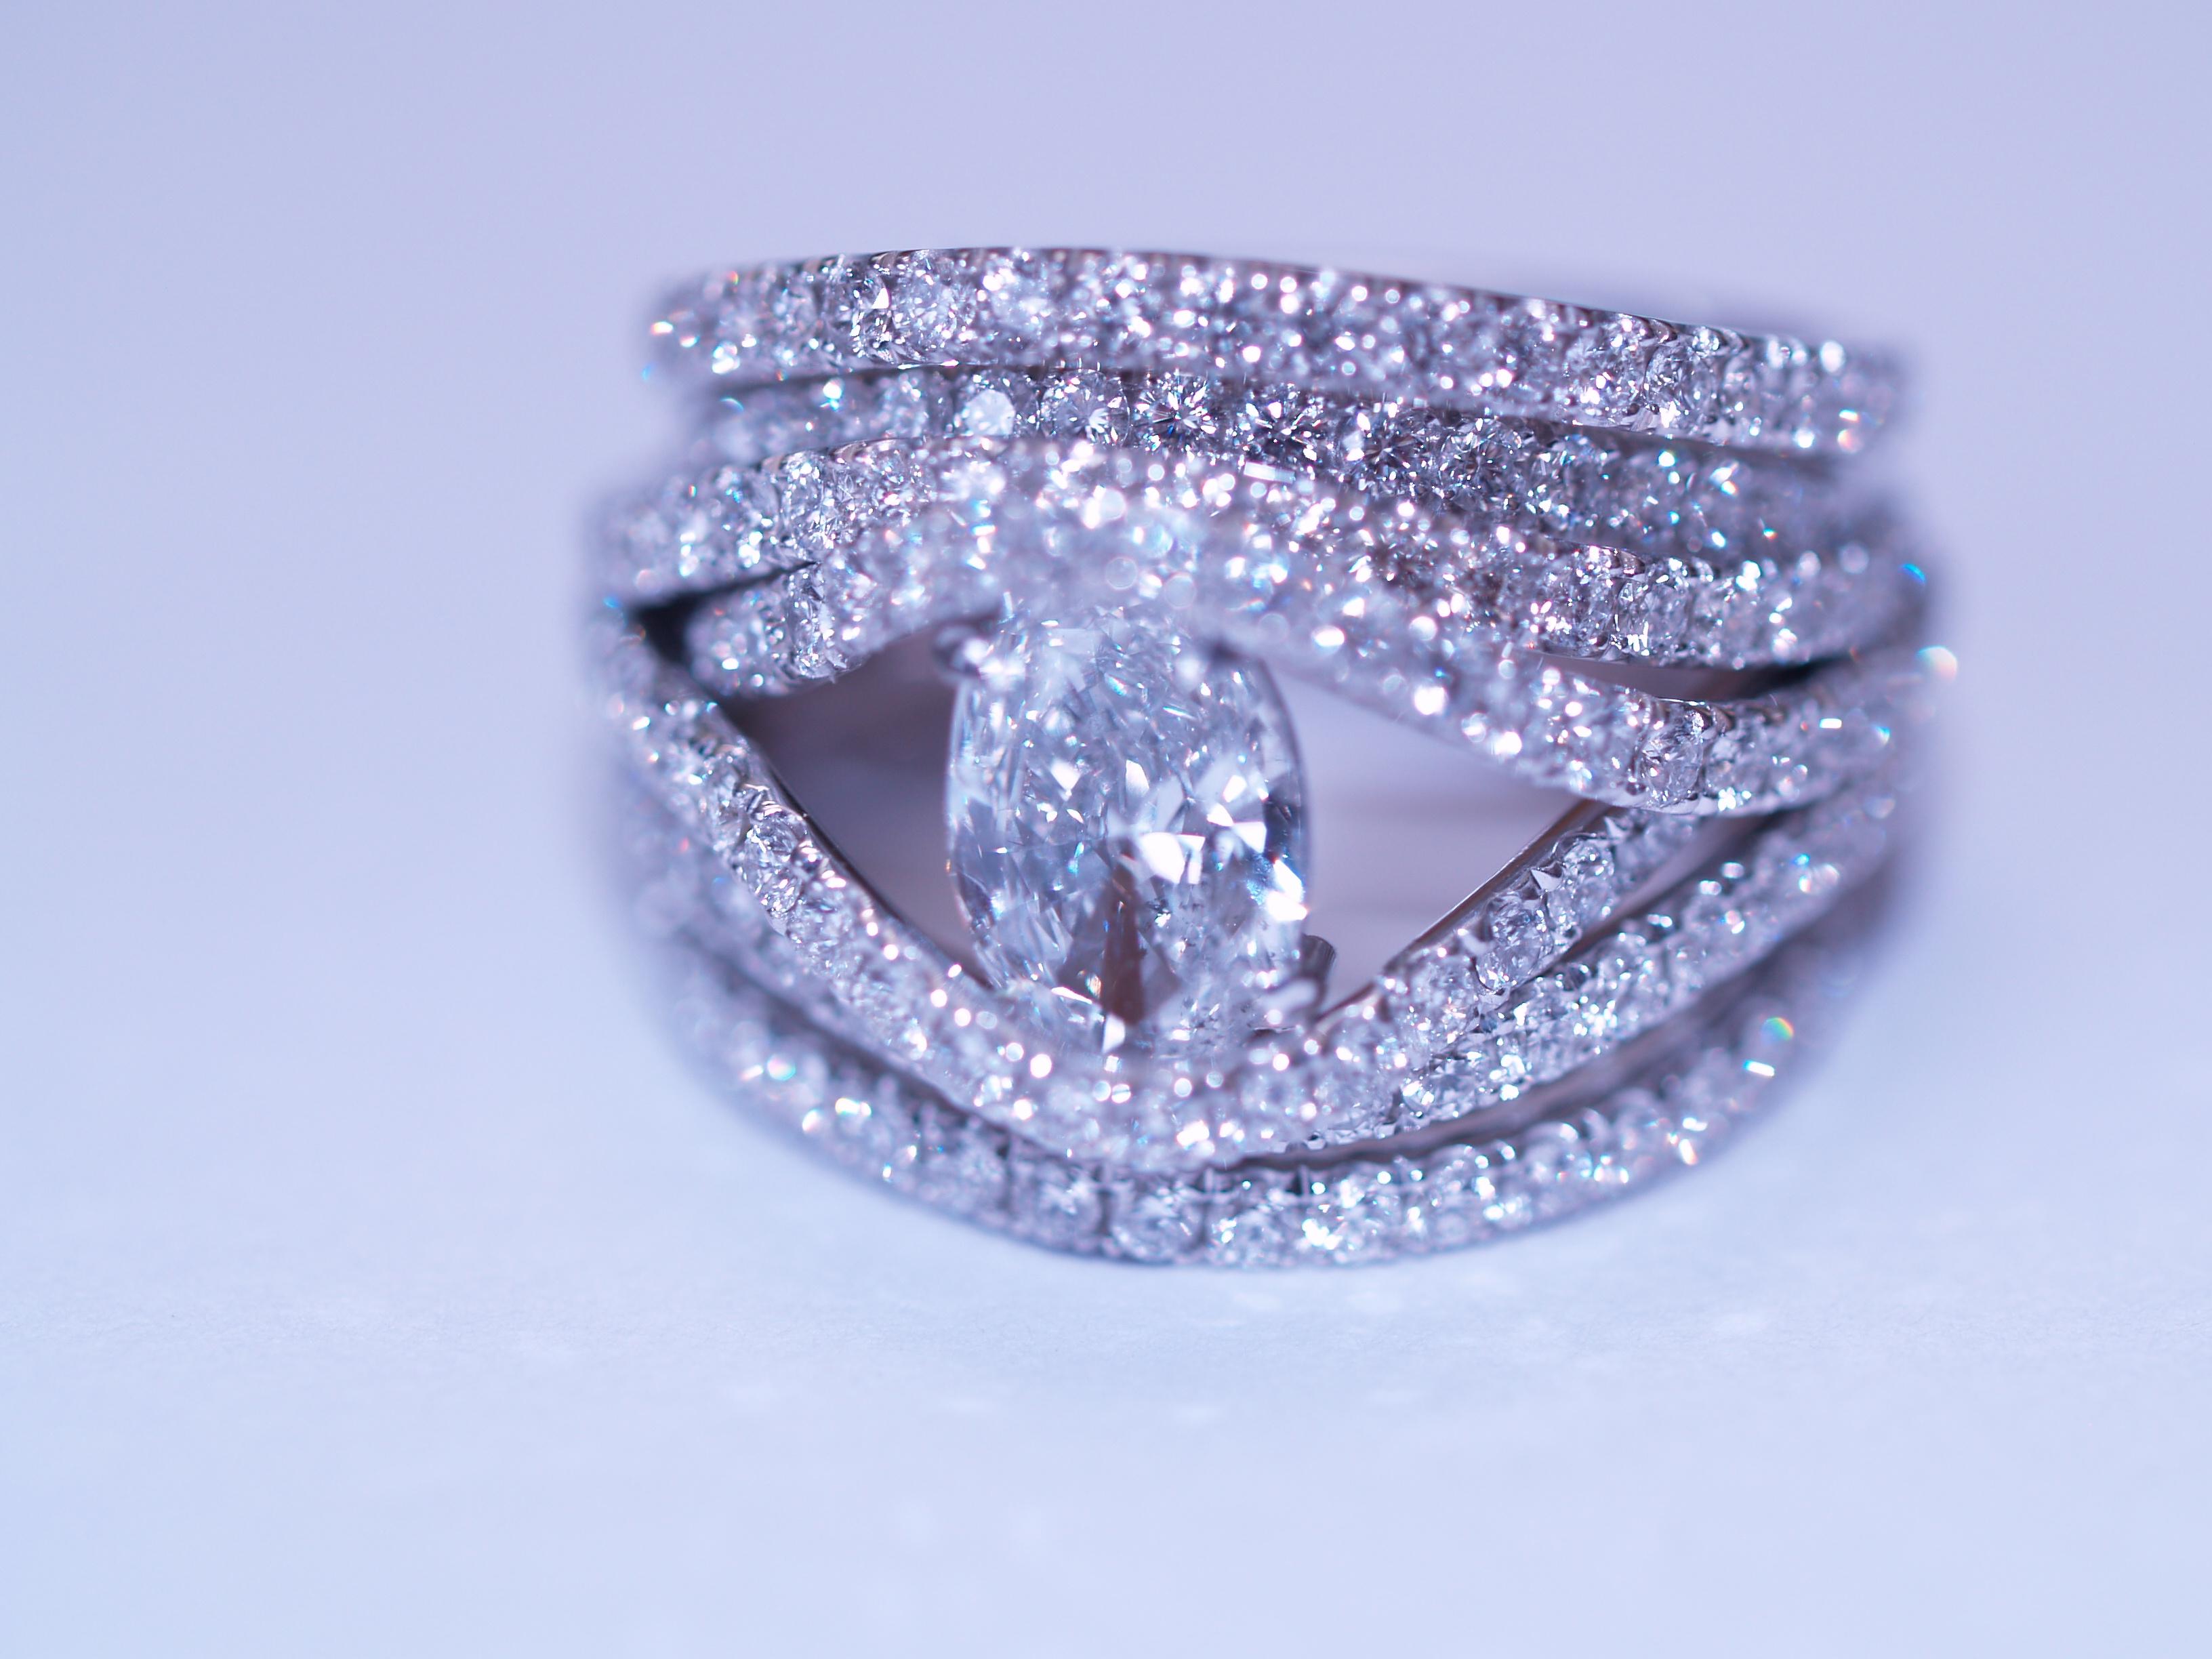 Snelzoekgids voor het kopen van diamanten in België